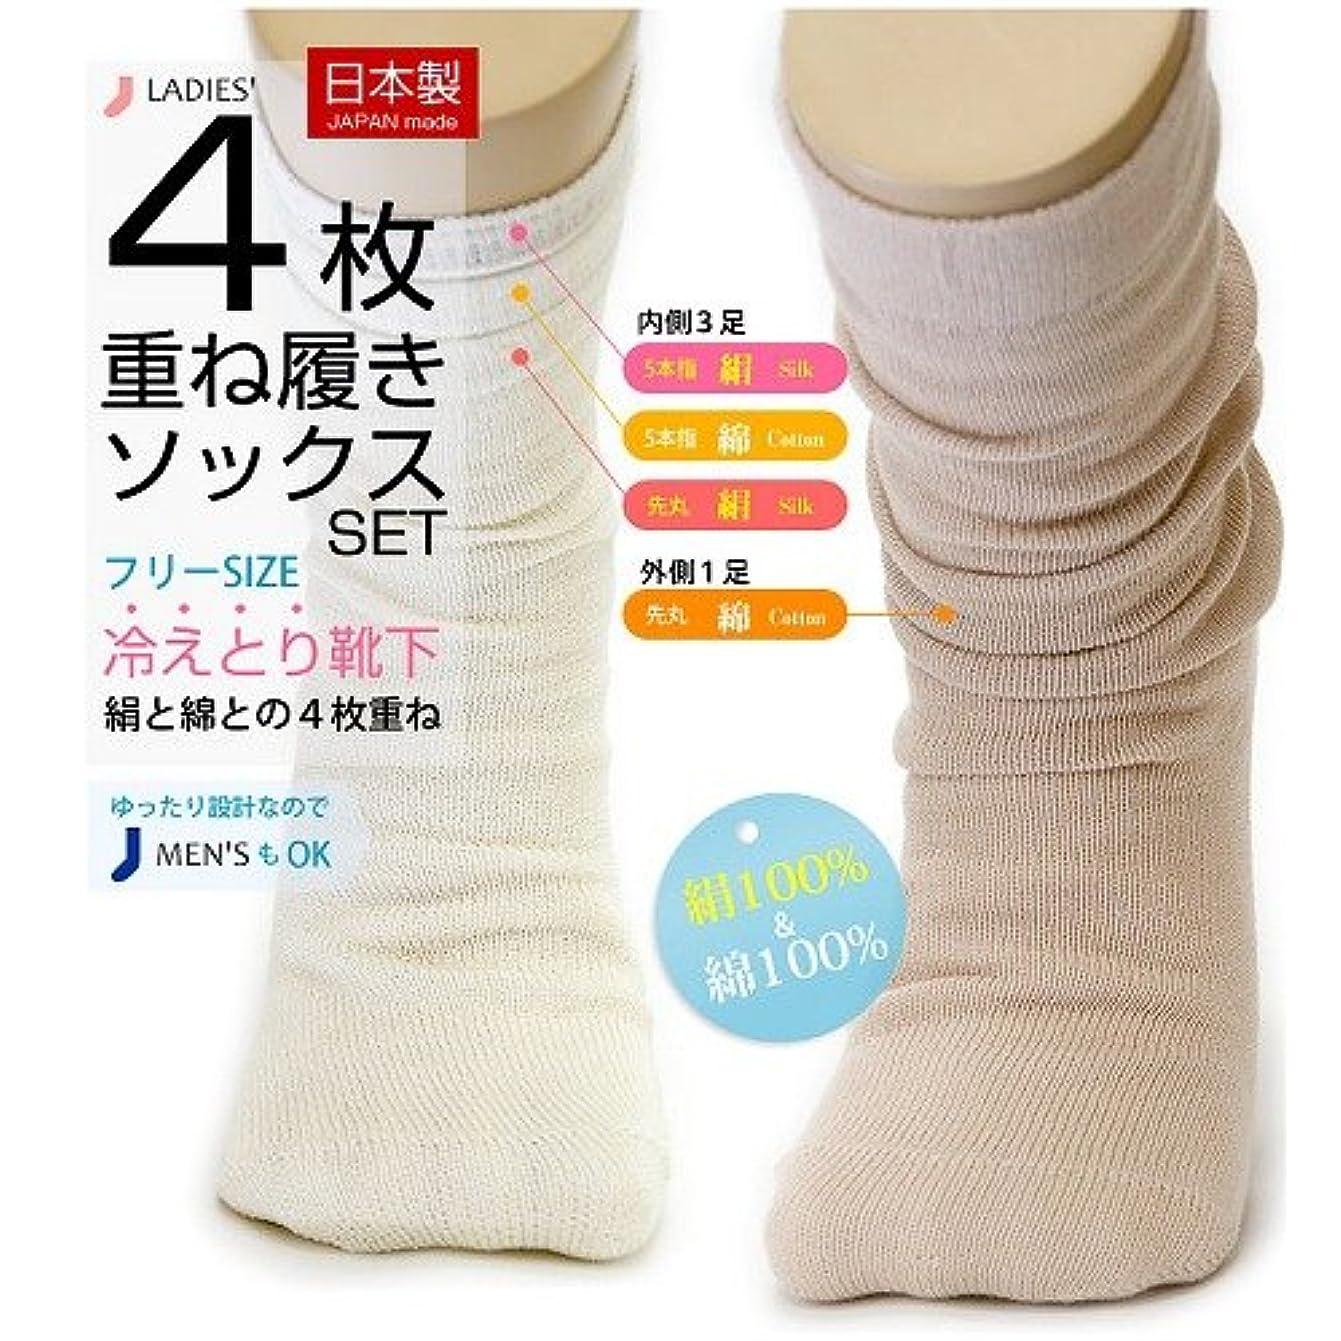 ショッキングバットラビリンス冷え取り靴下 綿100%とシルク100% 最高級の日本製 4枚重ねばきセット(外側チャコール)